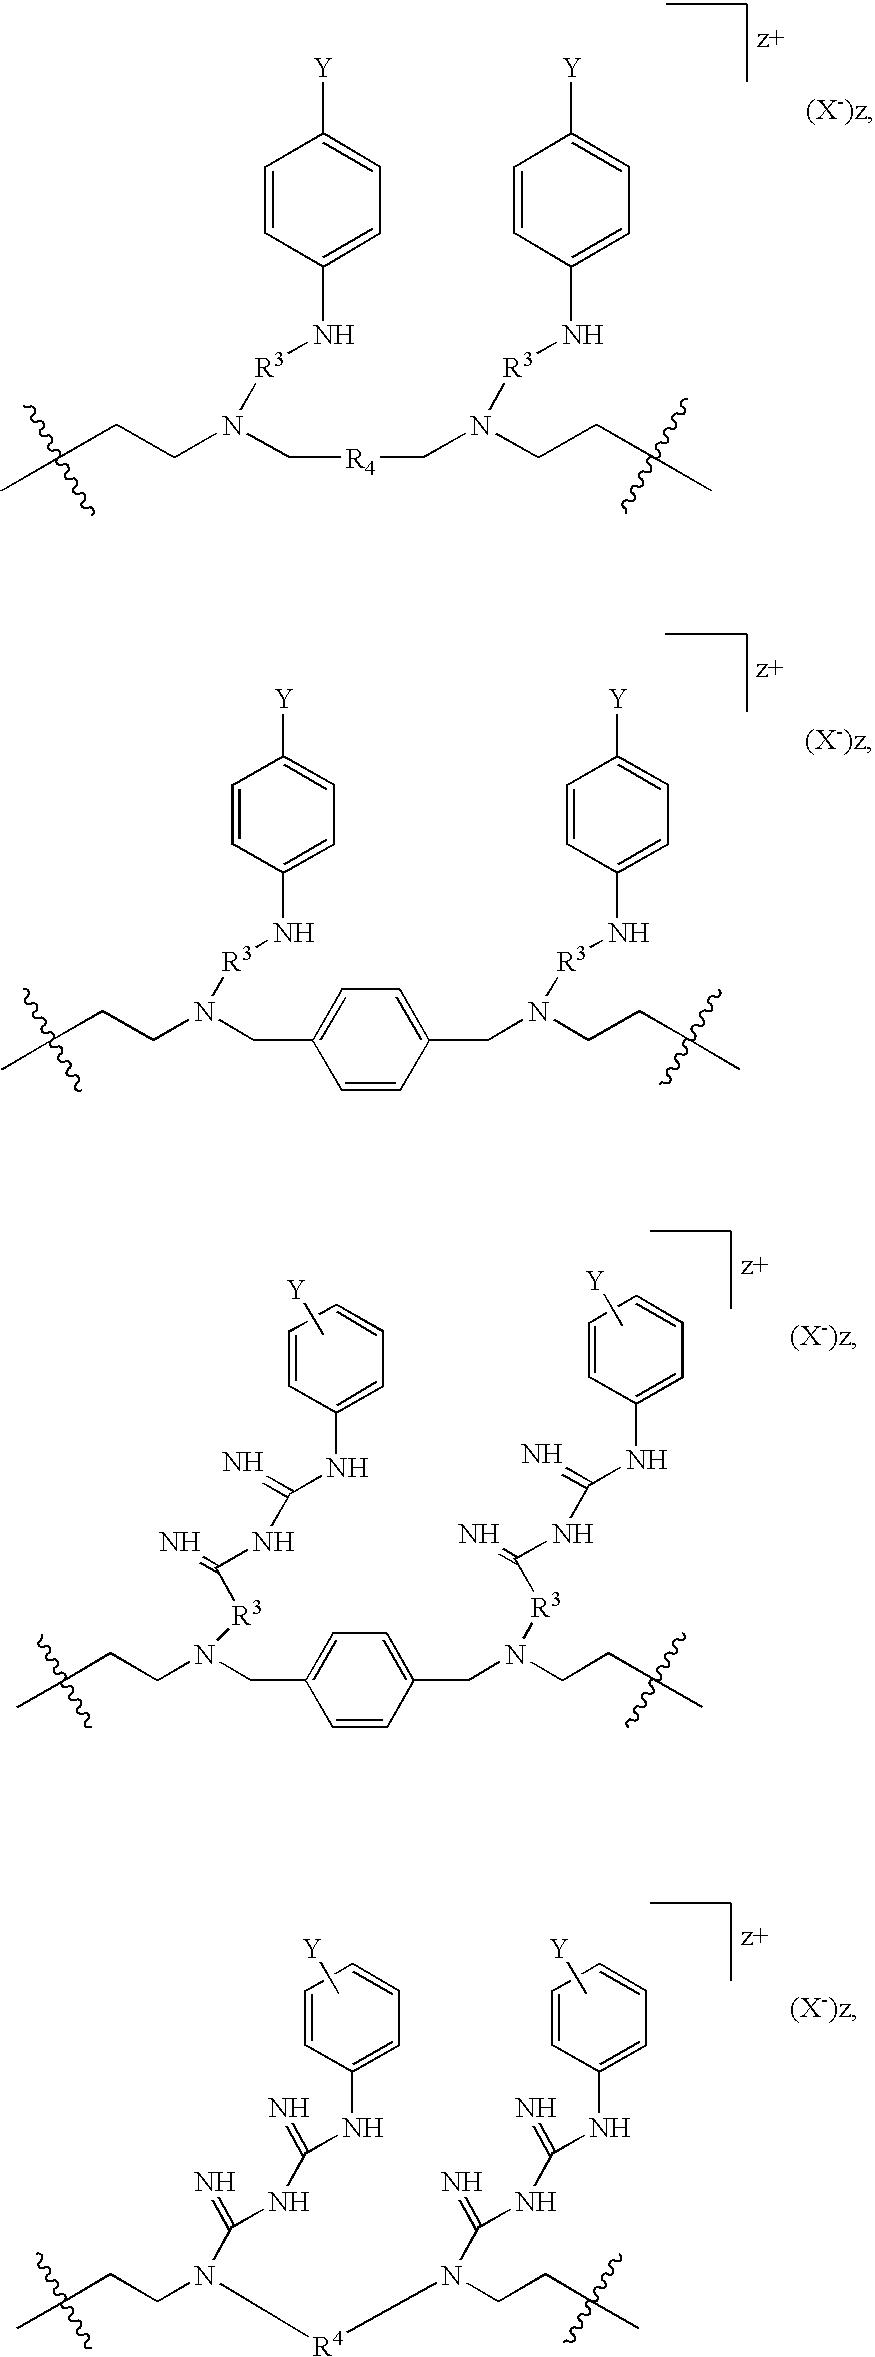 Figure US20090074833A1-20090319-C00094